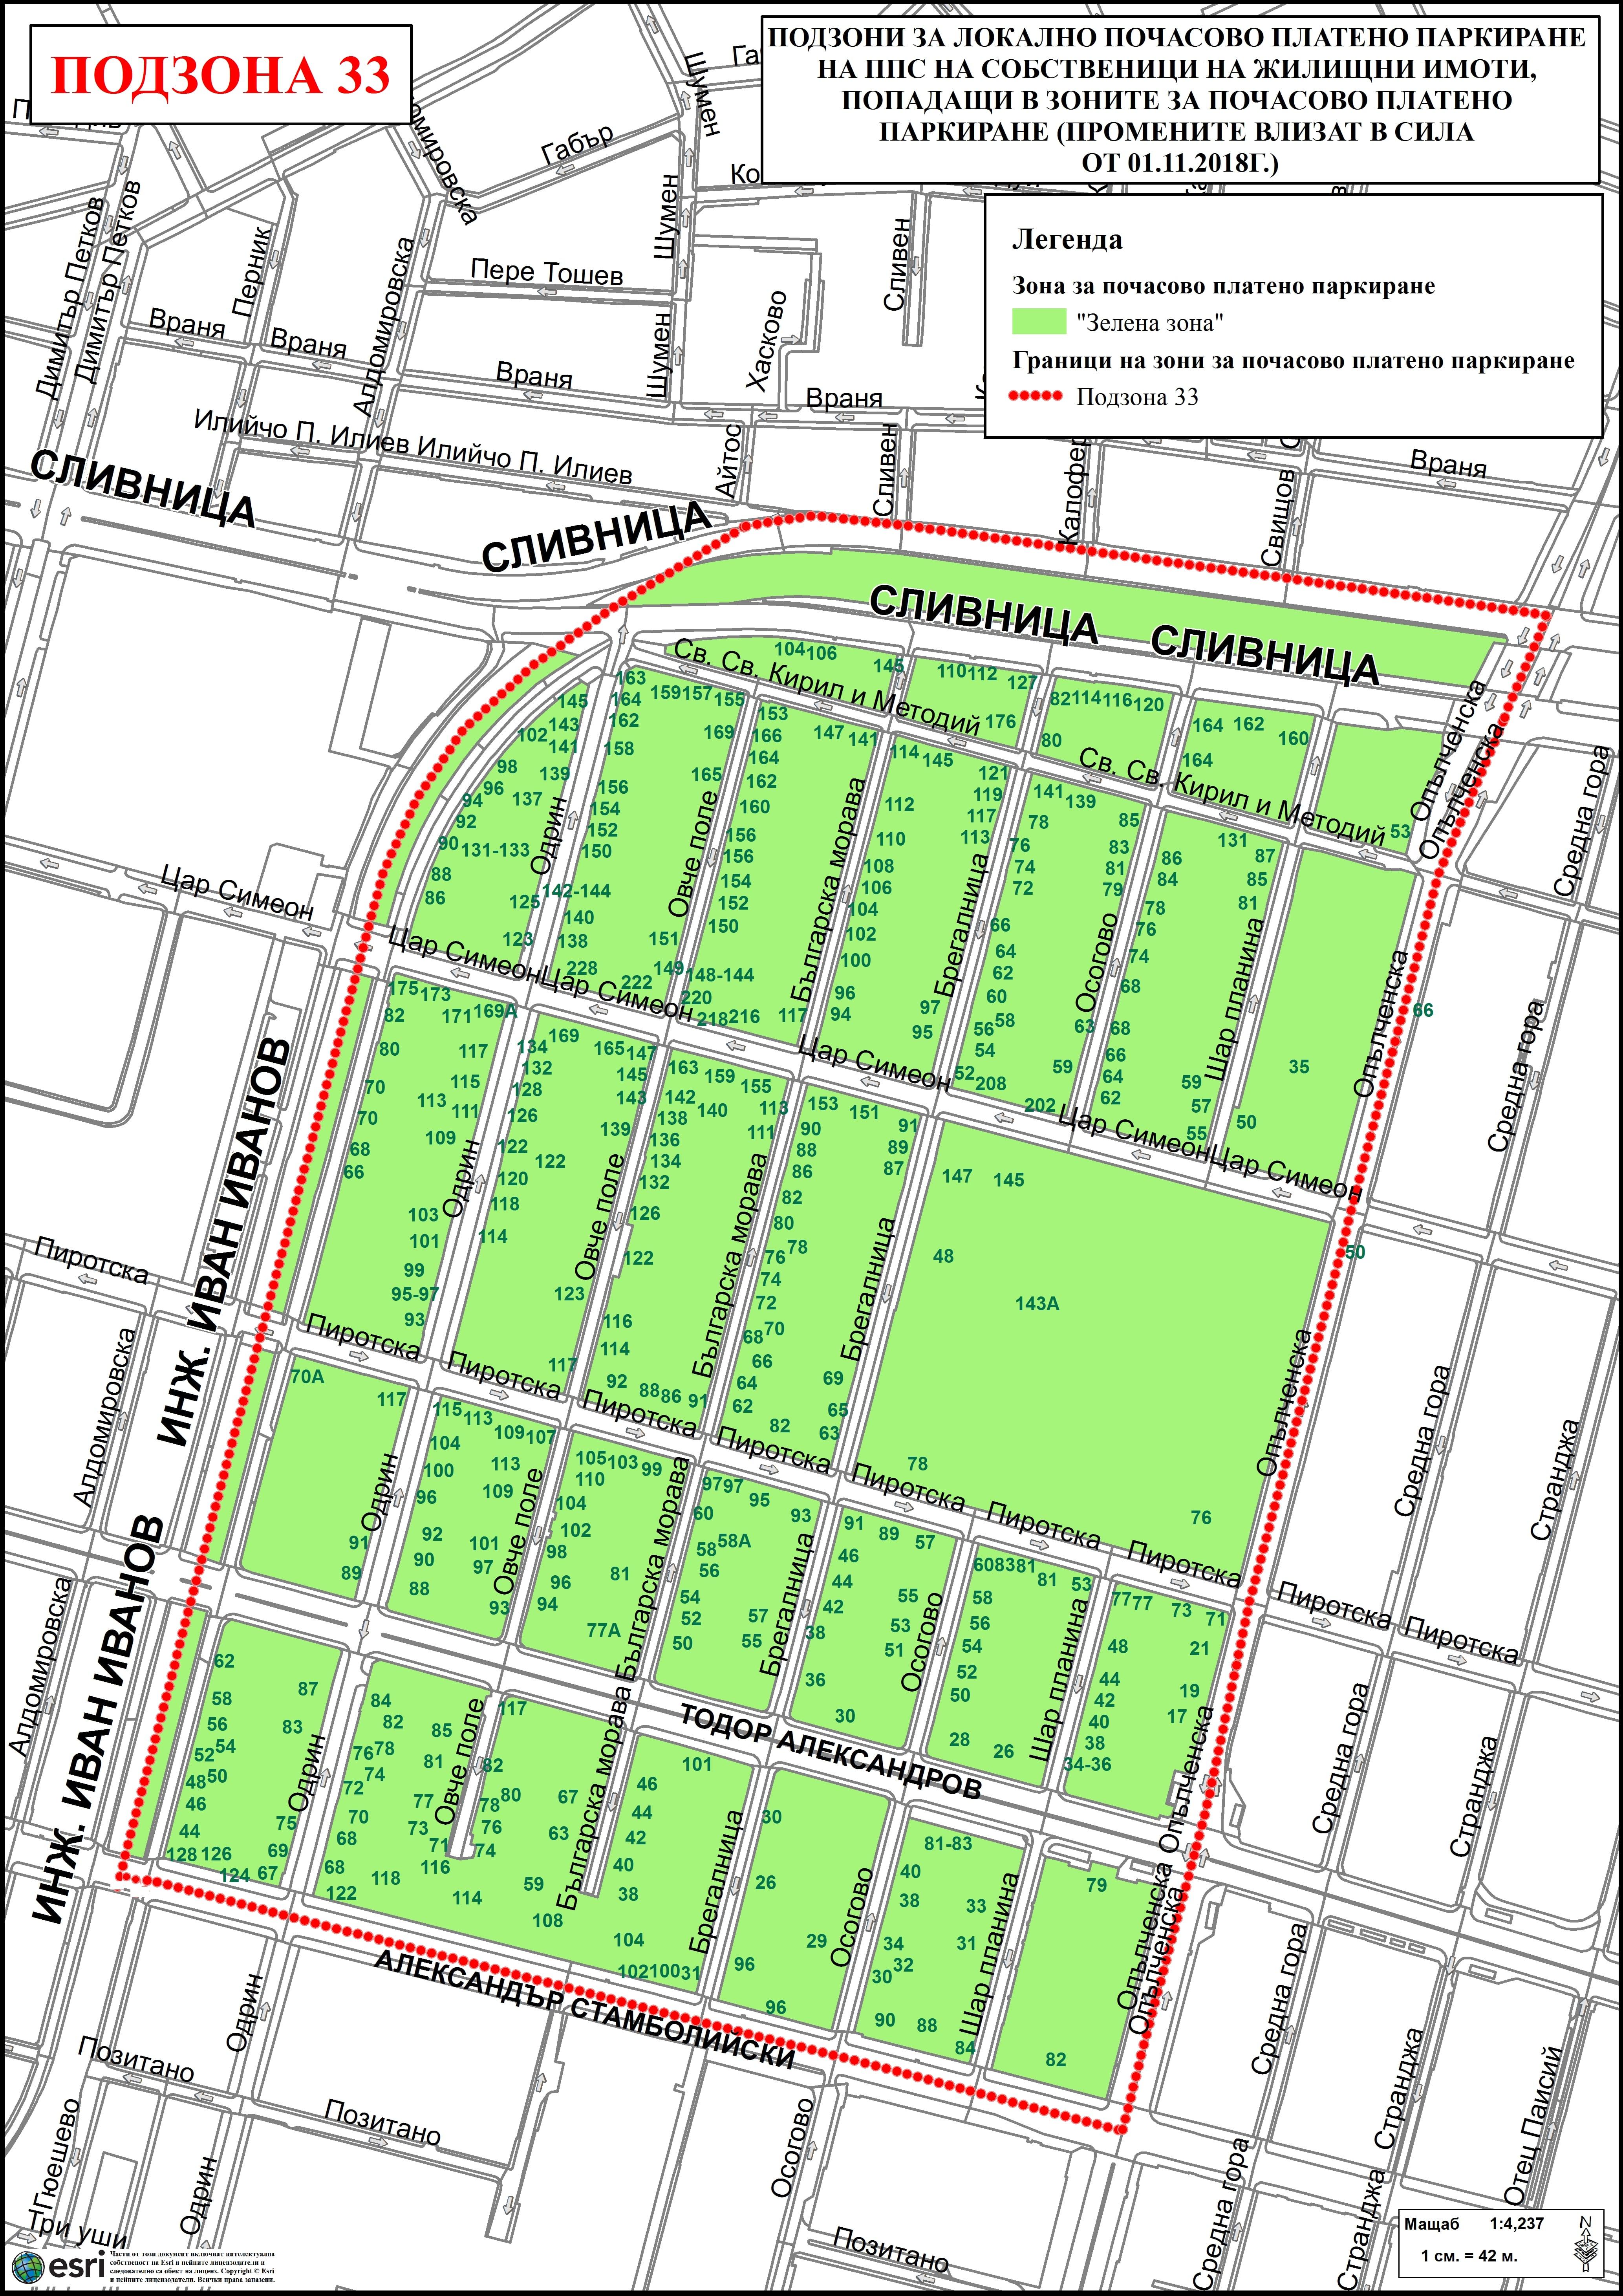 Centr Za Gradska Mobilnost Lokalno Plateno Parkirane Na Pps Na